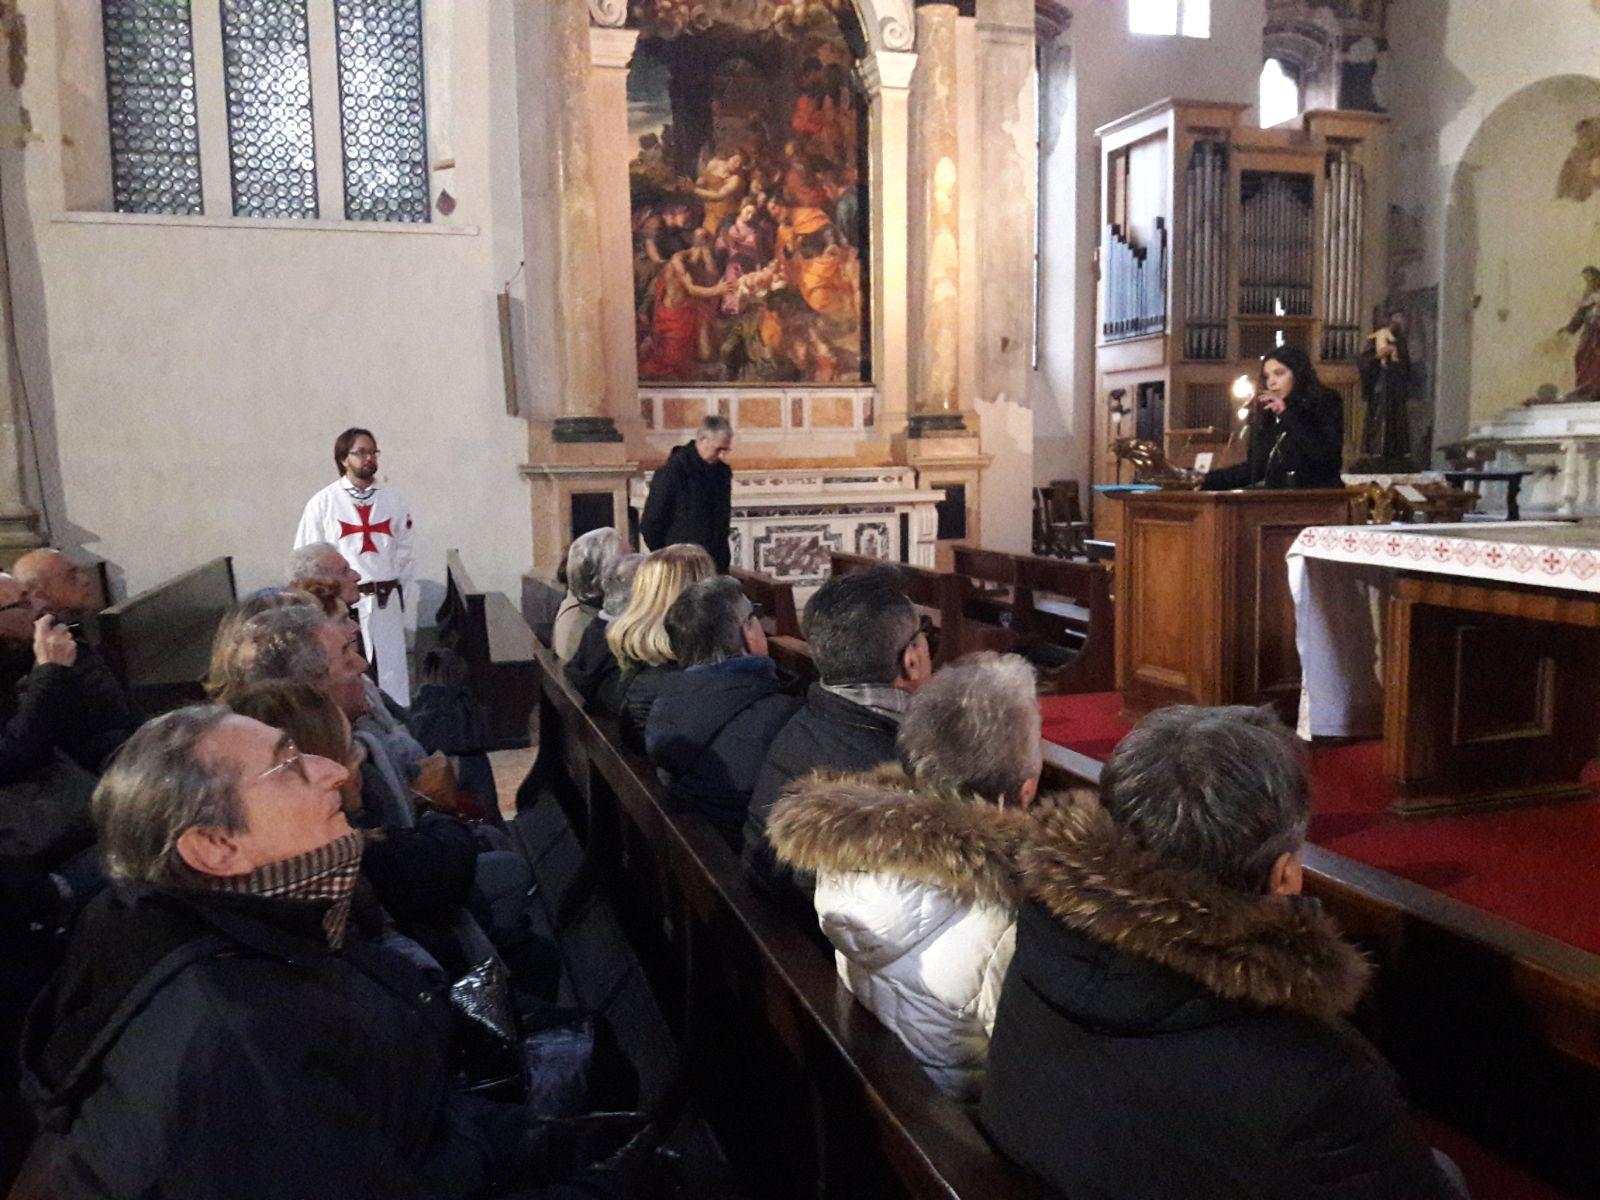 Templari Cattolici d'Italia in San Fermo a Verona con federmanager